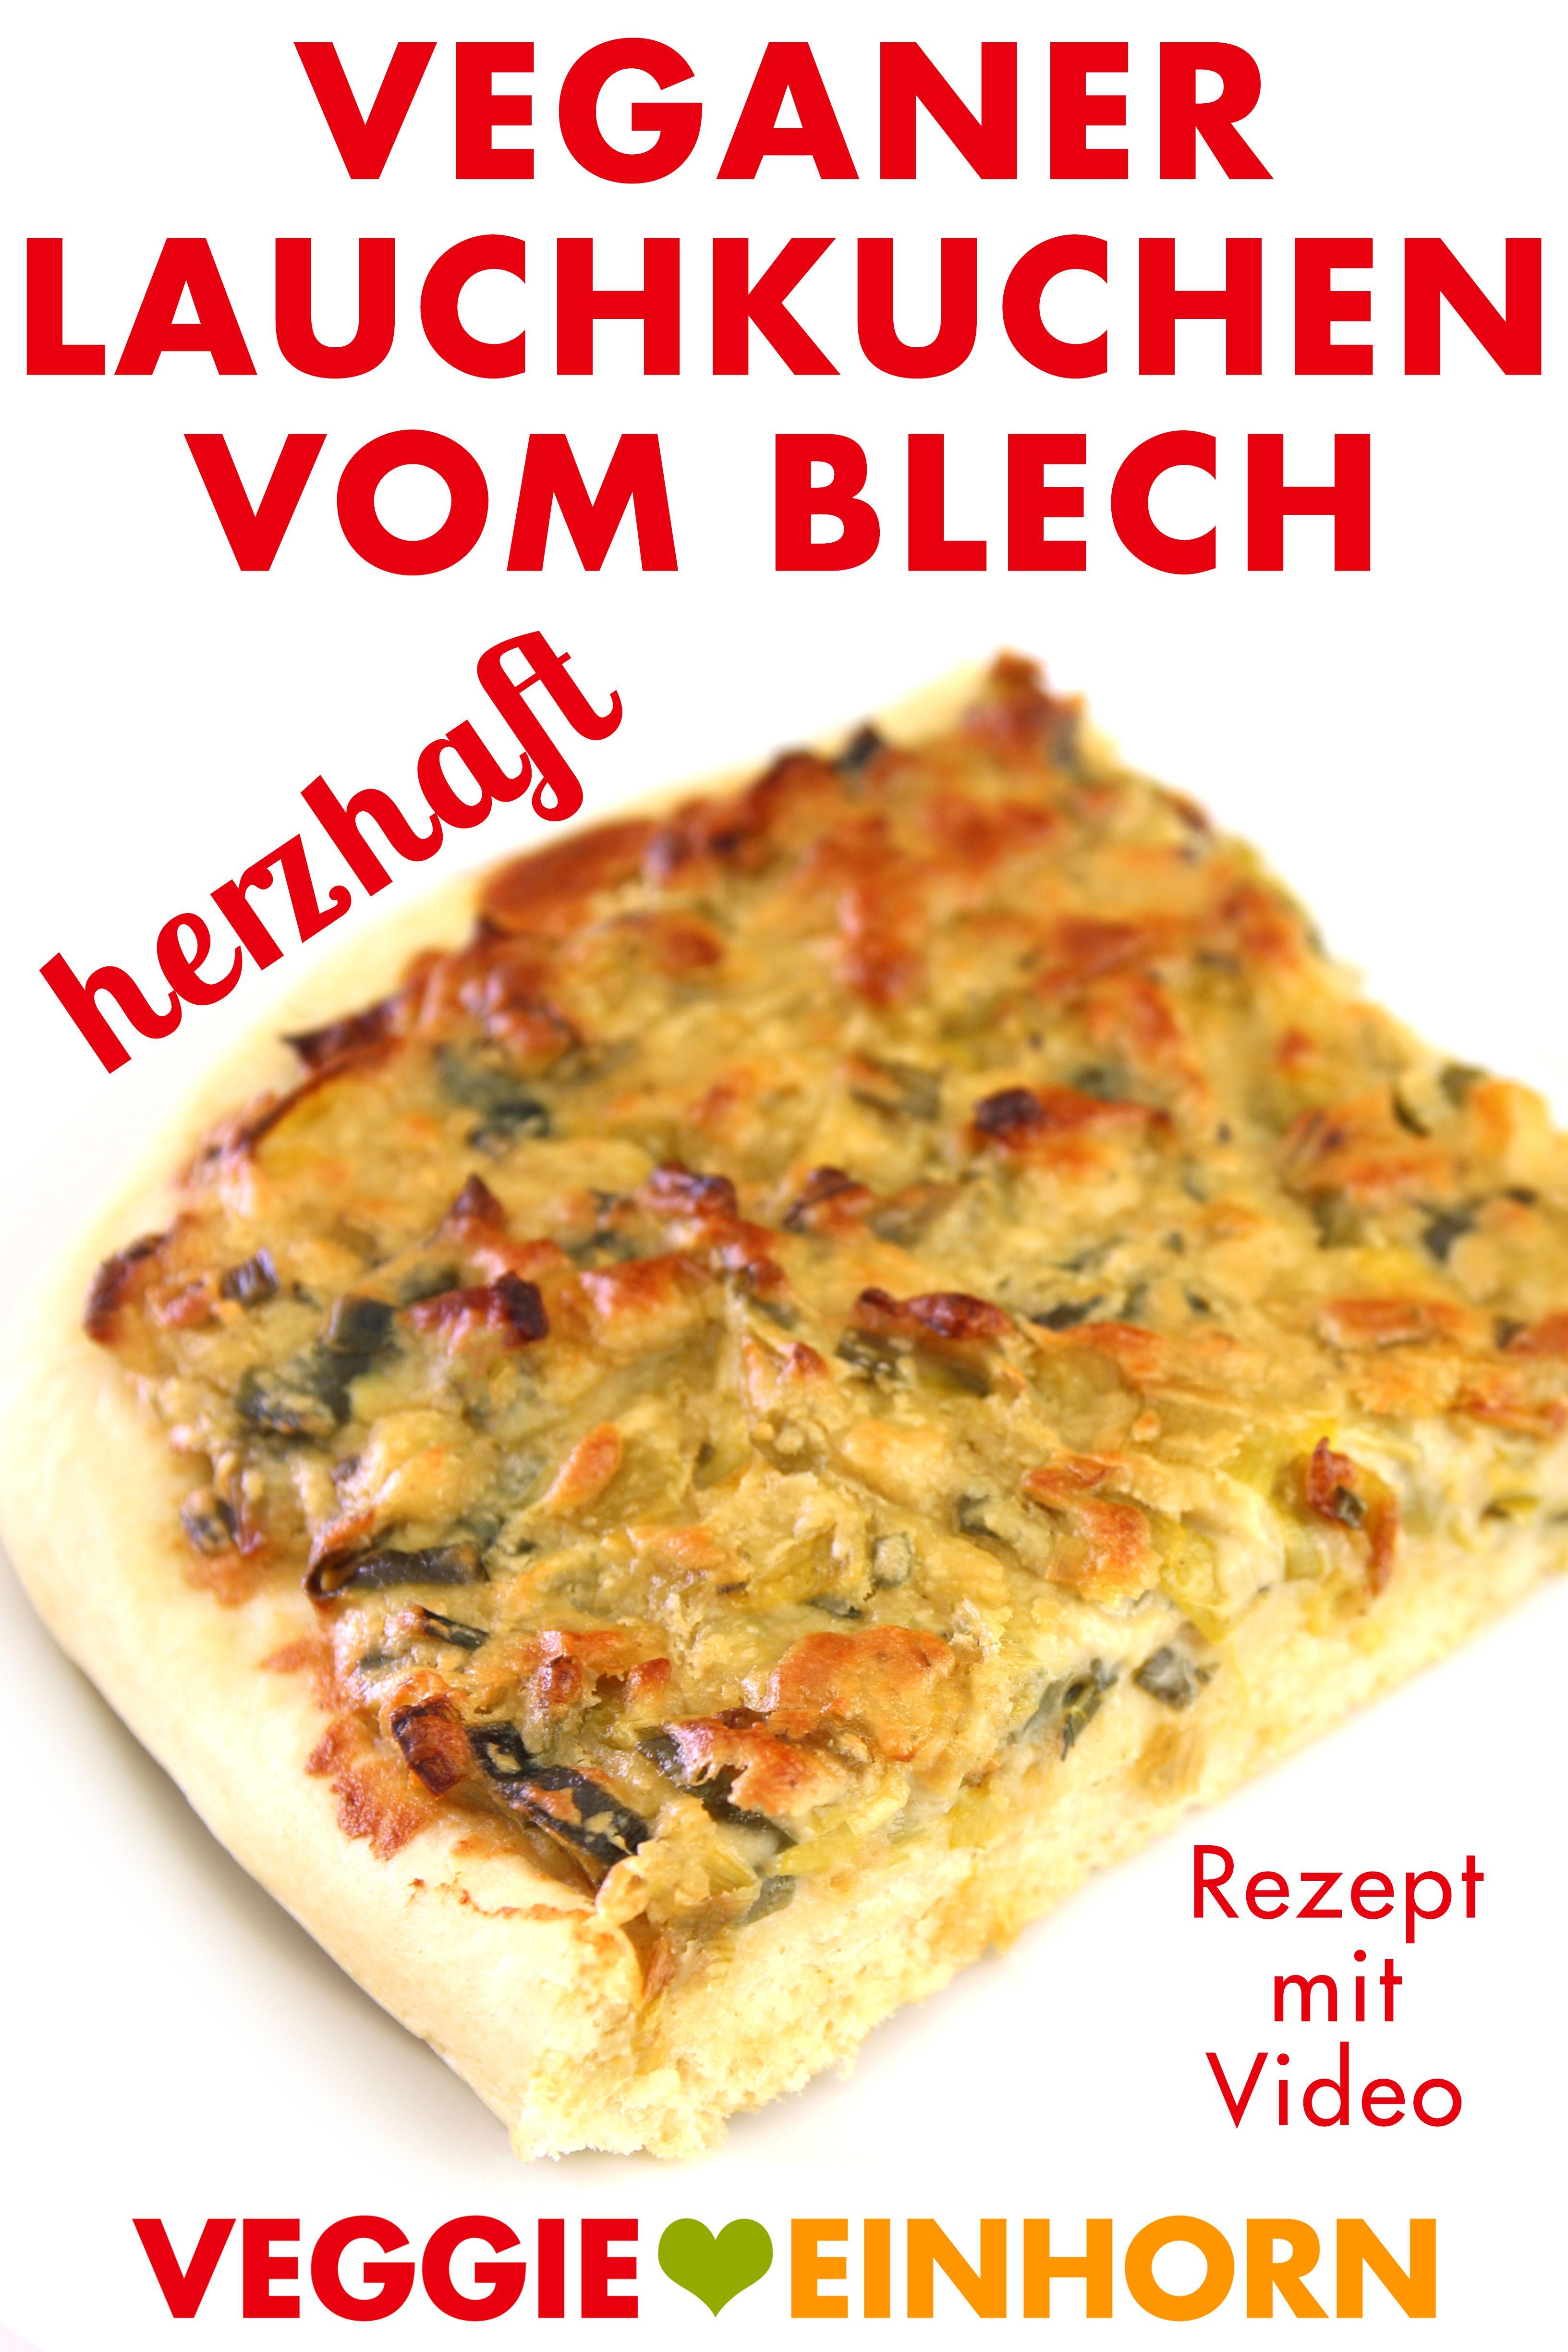 Veganer Lauchkuchen vom Blech | Vegan herzhaft backen | Vegane Rezepte deutsch | Leckeres Rezept für herzhaften Lauchkuchen vom Blech | ohne Ei, vegetarisch und vegan | Veganes Mittag oder Abendessen und auch ein super Party Rezept | gut vorzubereiten und schmeckt auch kalt zum Mitnehmen (oder wieder aufgewärmt) Rezept mit VIDEO #VeggieEinhorn #veganerezeptemittag